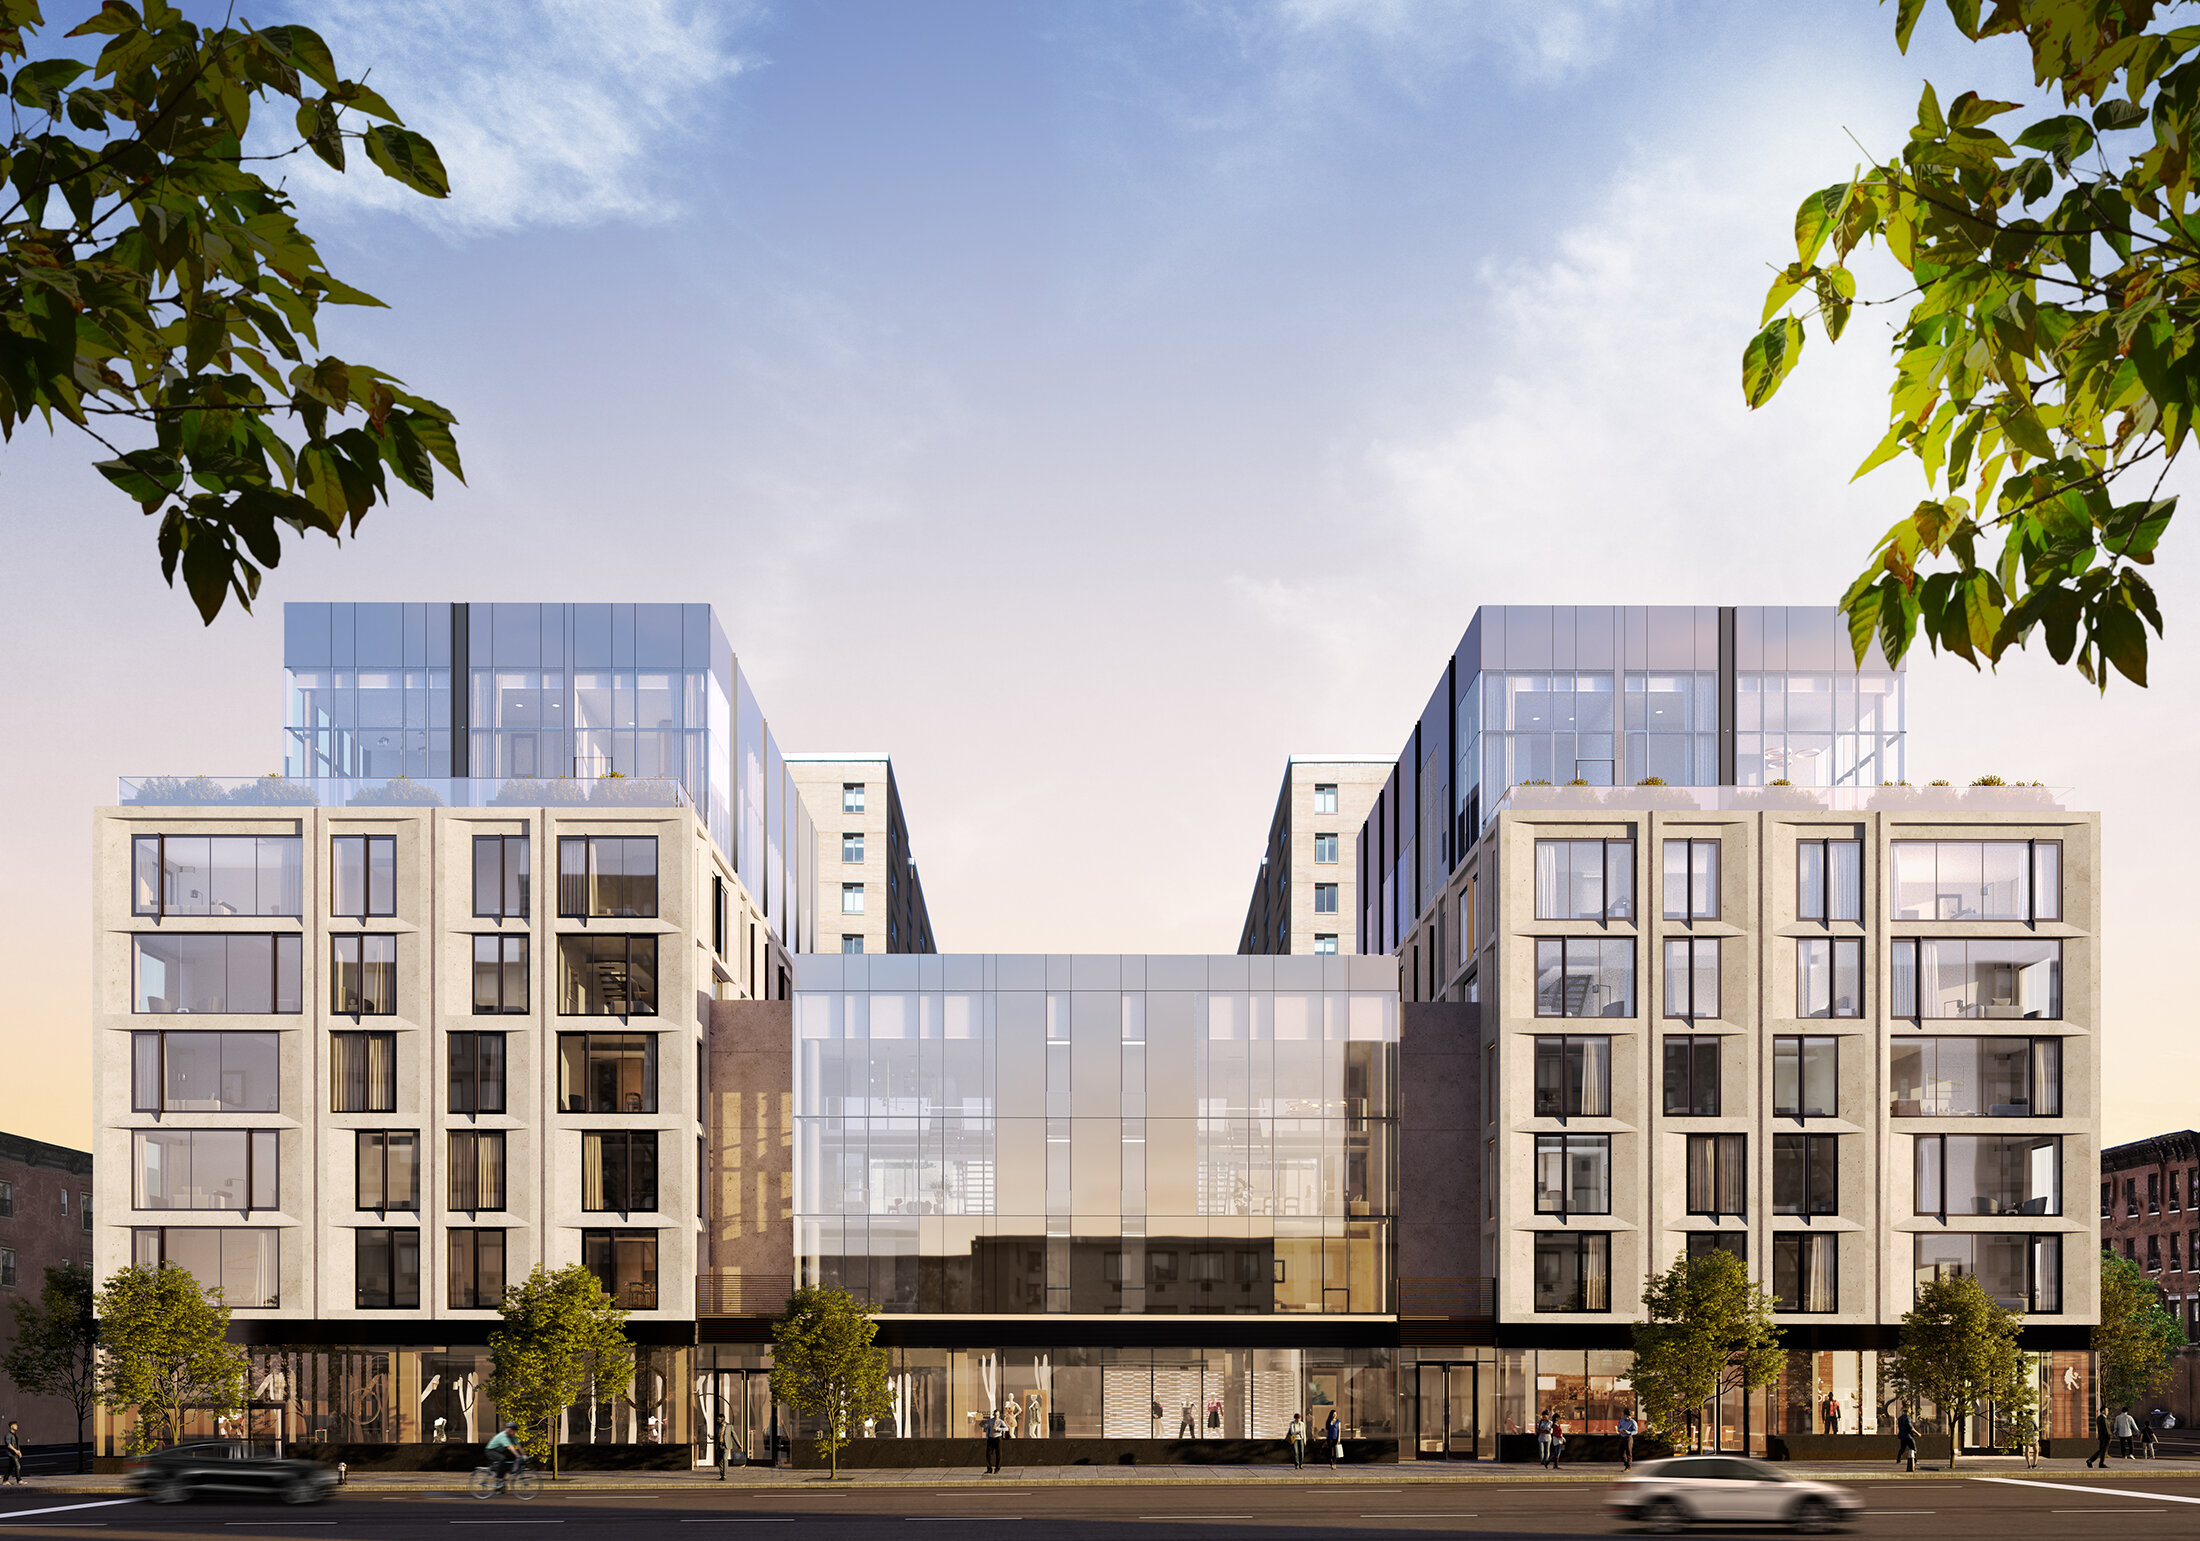 本公司COMPASS最新的独家代理新楼盘Bloom,位于曼哈顿中城西